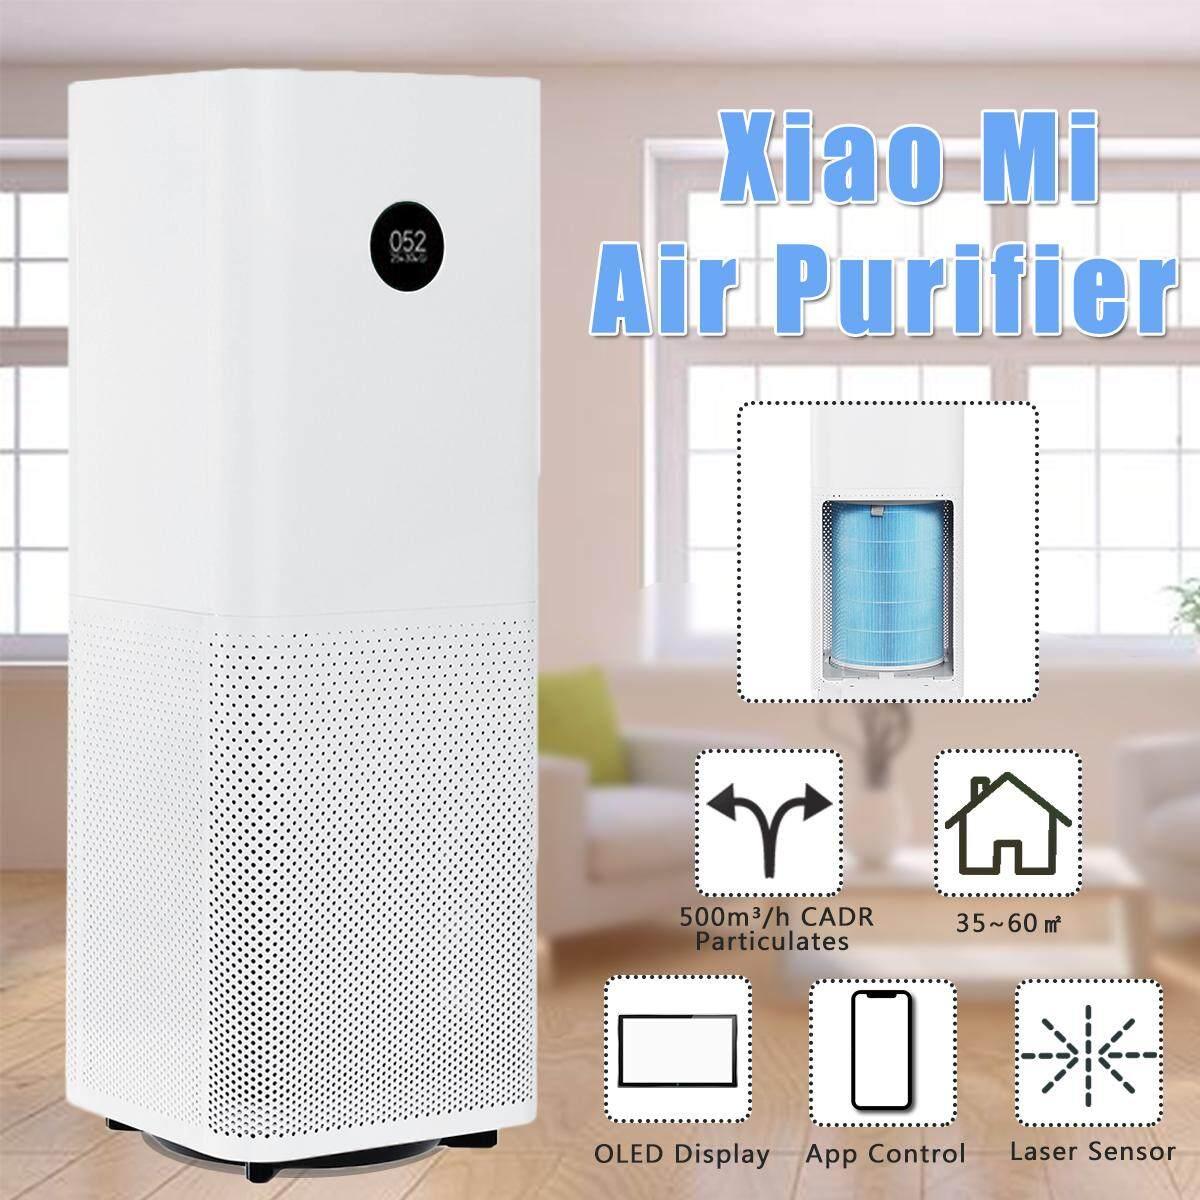 ยี่ห้อไหนดี  แม่ฮ่องสอน XIAOMI สีขาวเครื่องกรองอากาศเครื่องทำความสะอาดมืออาชีพสมาร์ทในครัวเรือนเครื่องเพิ่มความชื้นเพื่อสุขภาพ 35 ~ 60m3